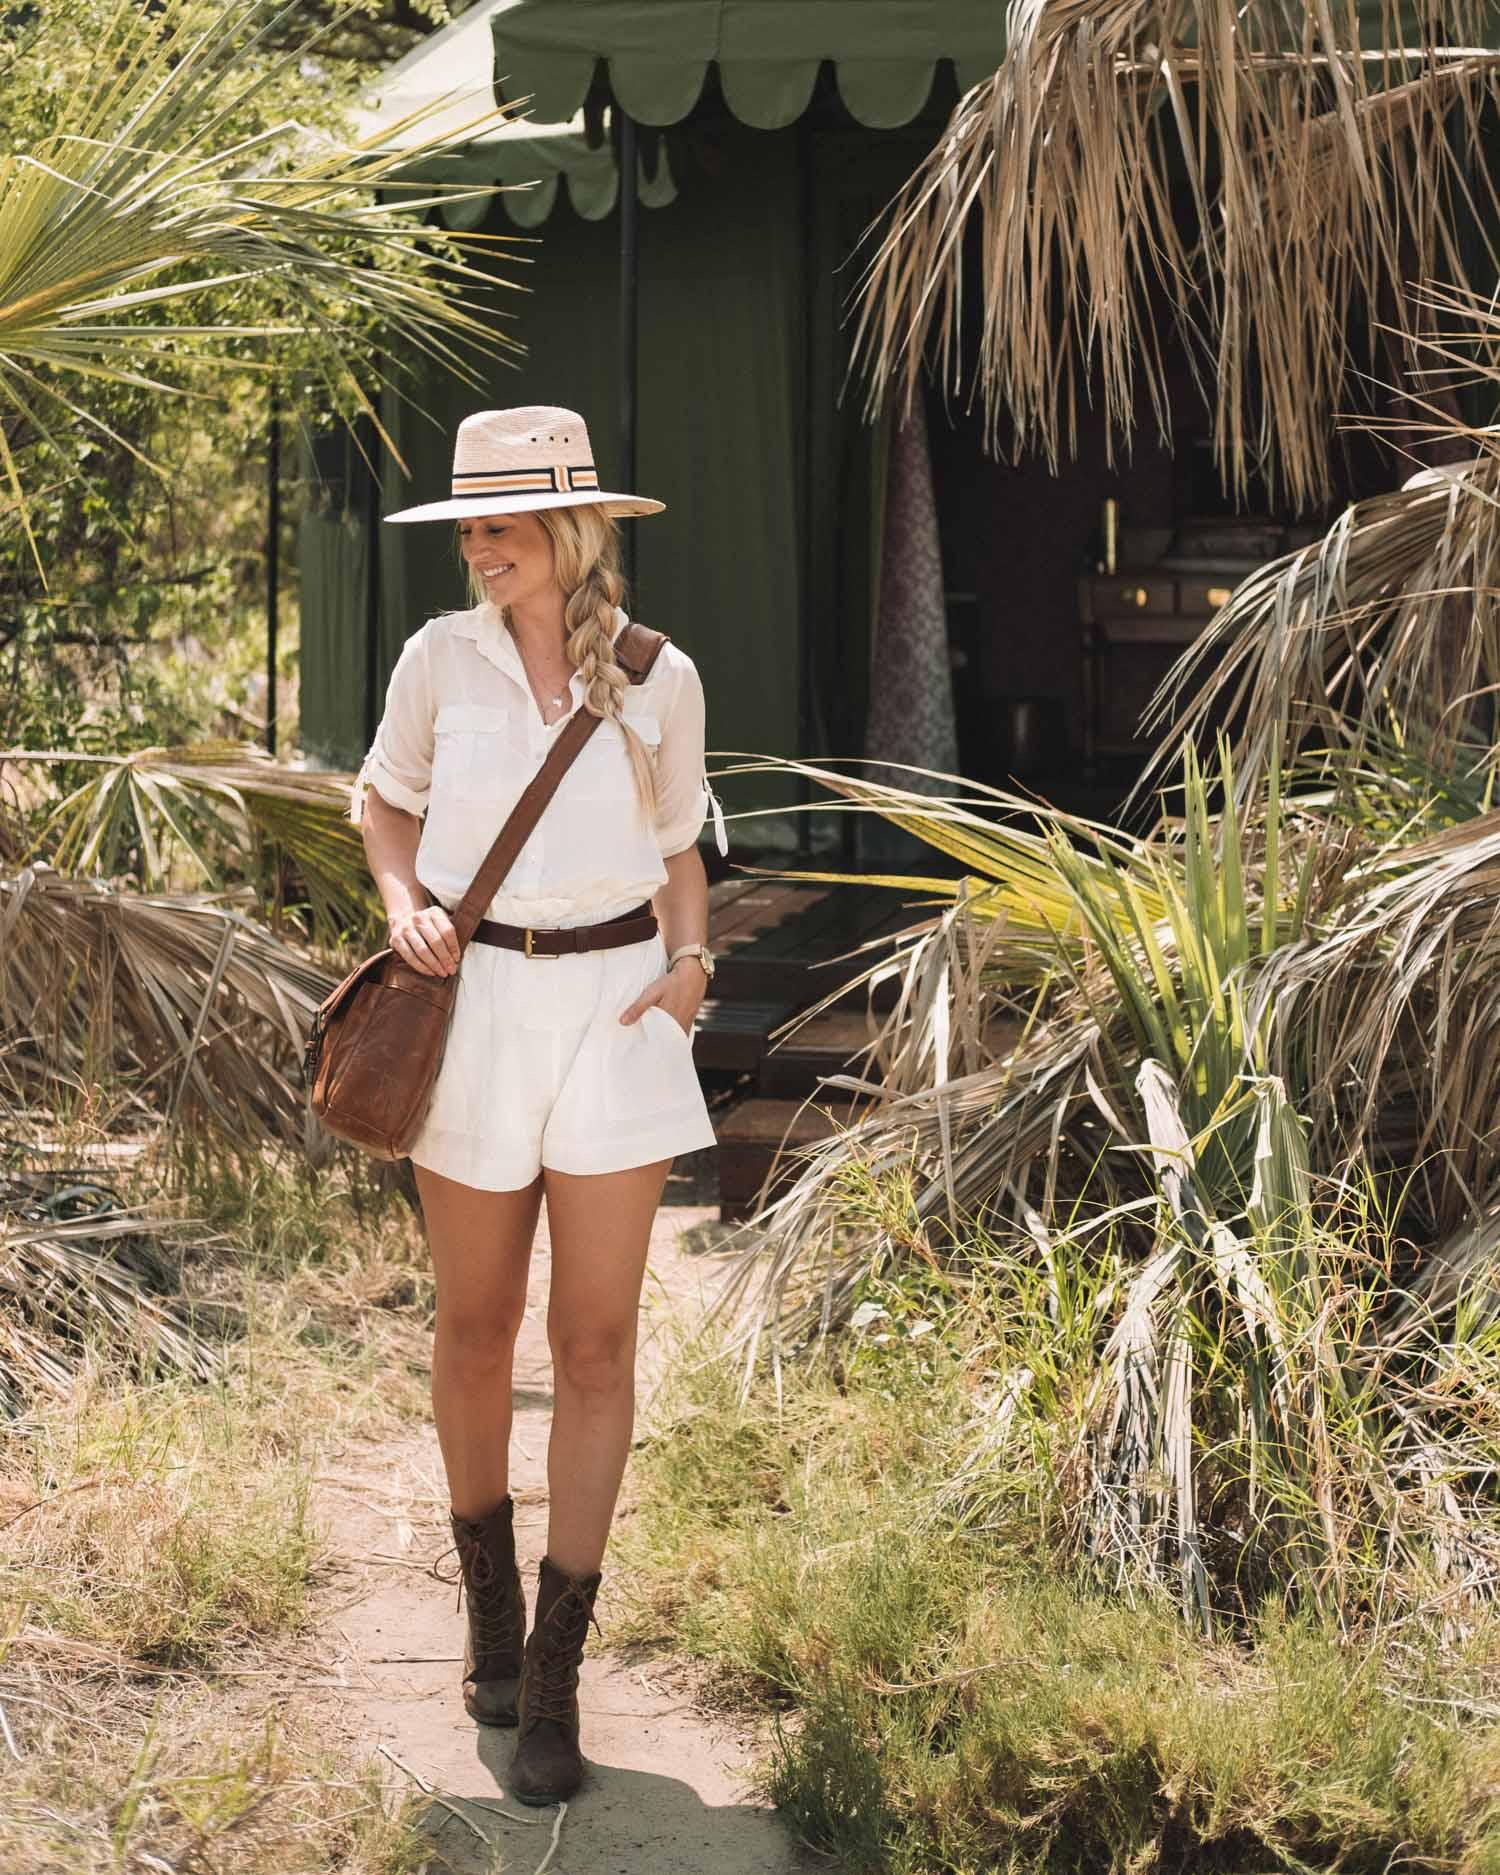 safari outfit in Botswana